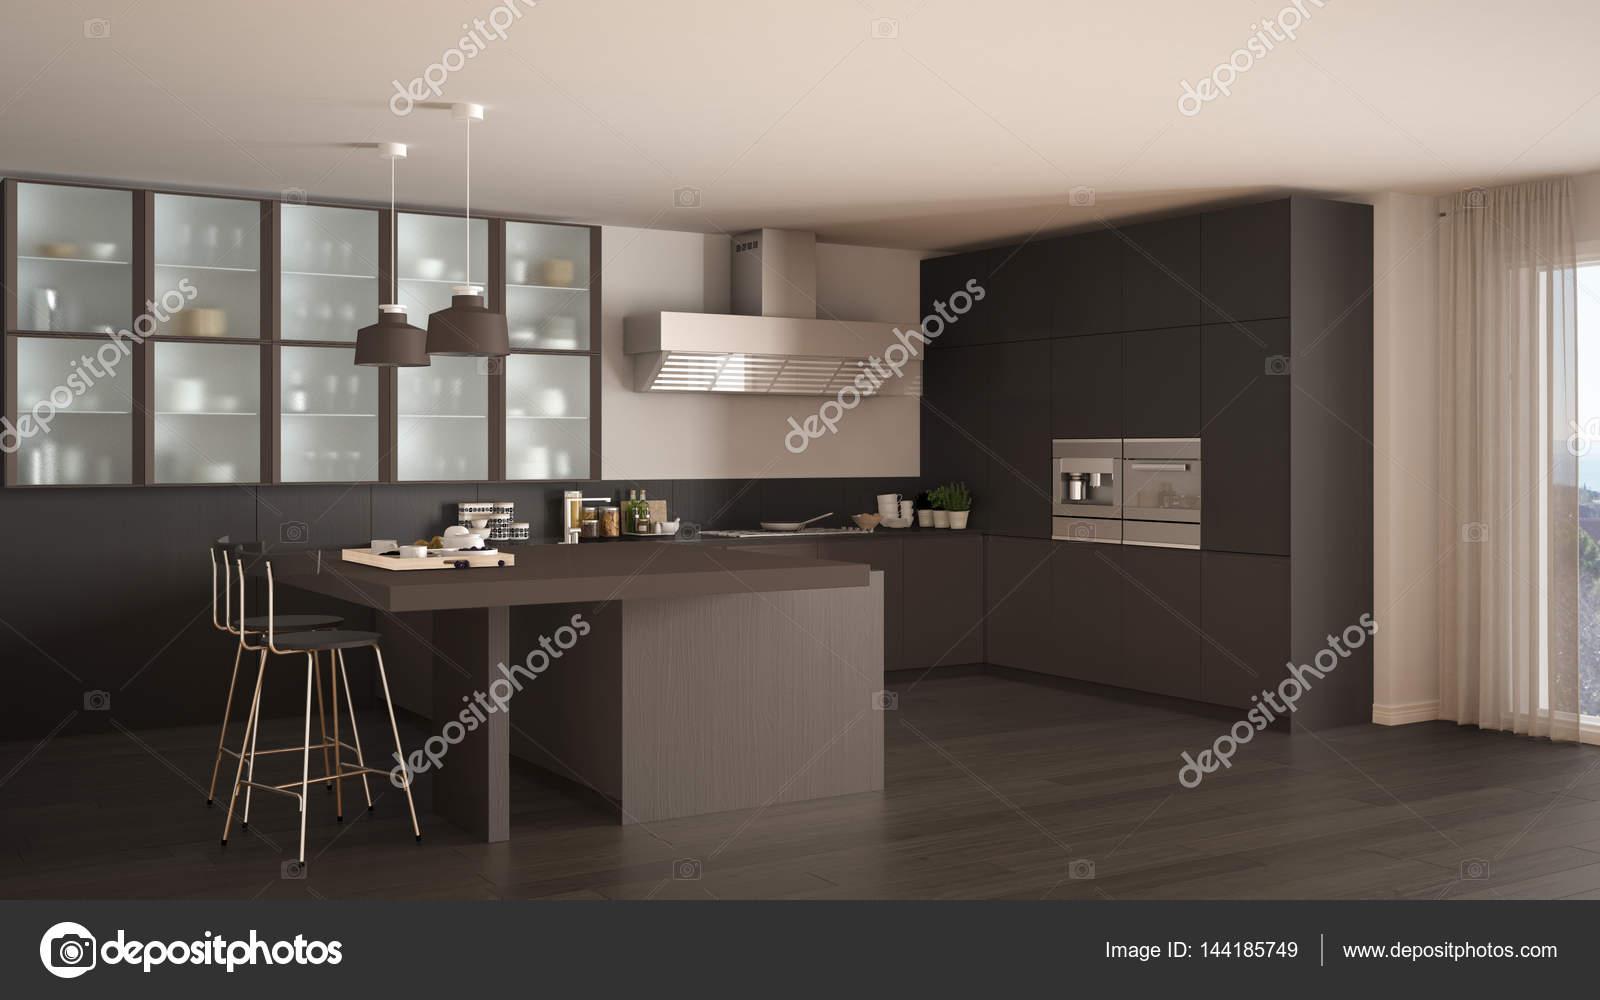 Arredamento Grigio E Marrone.Cucina Classica Minimal Grigio E Marrone Con Pavimento In Parquet